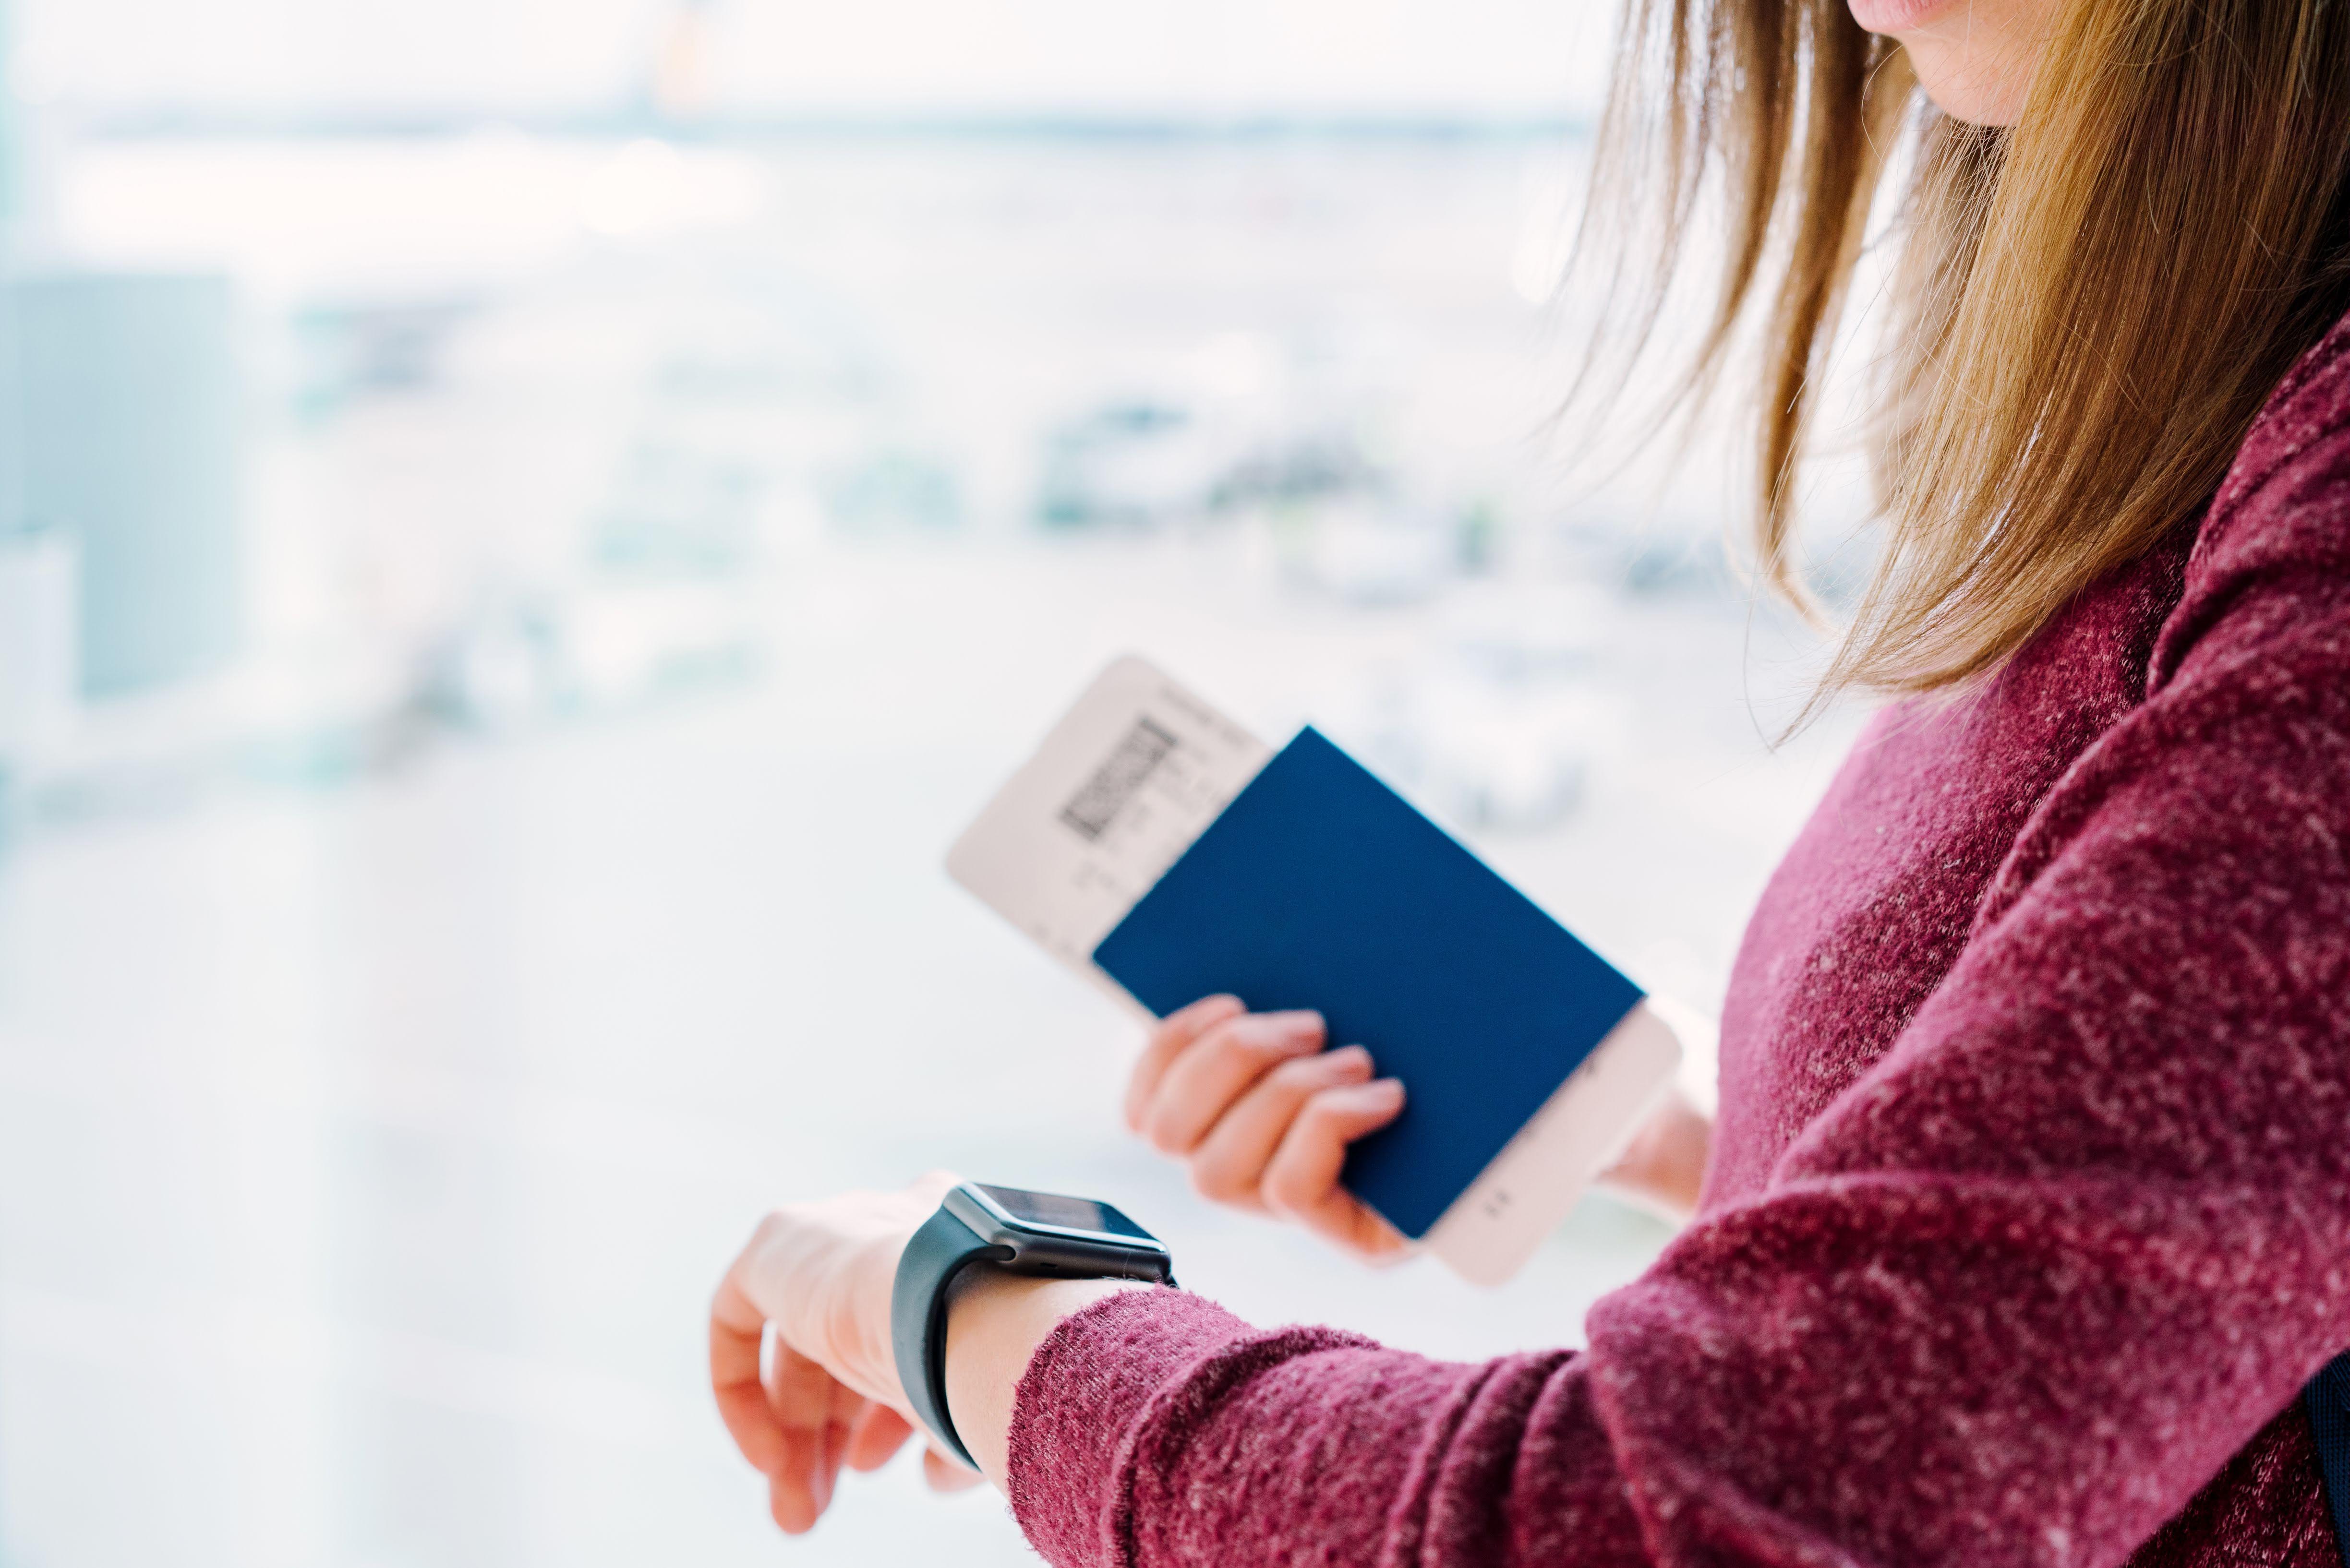 Does Cam Ranh Airport (Nha Trang City) Accept Visa On